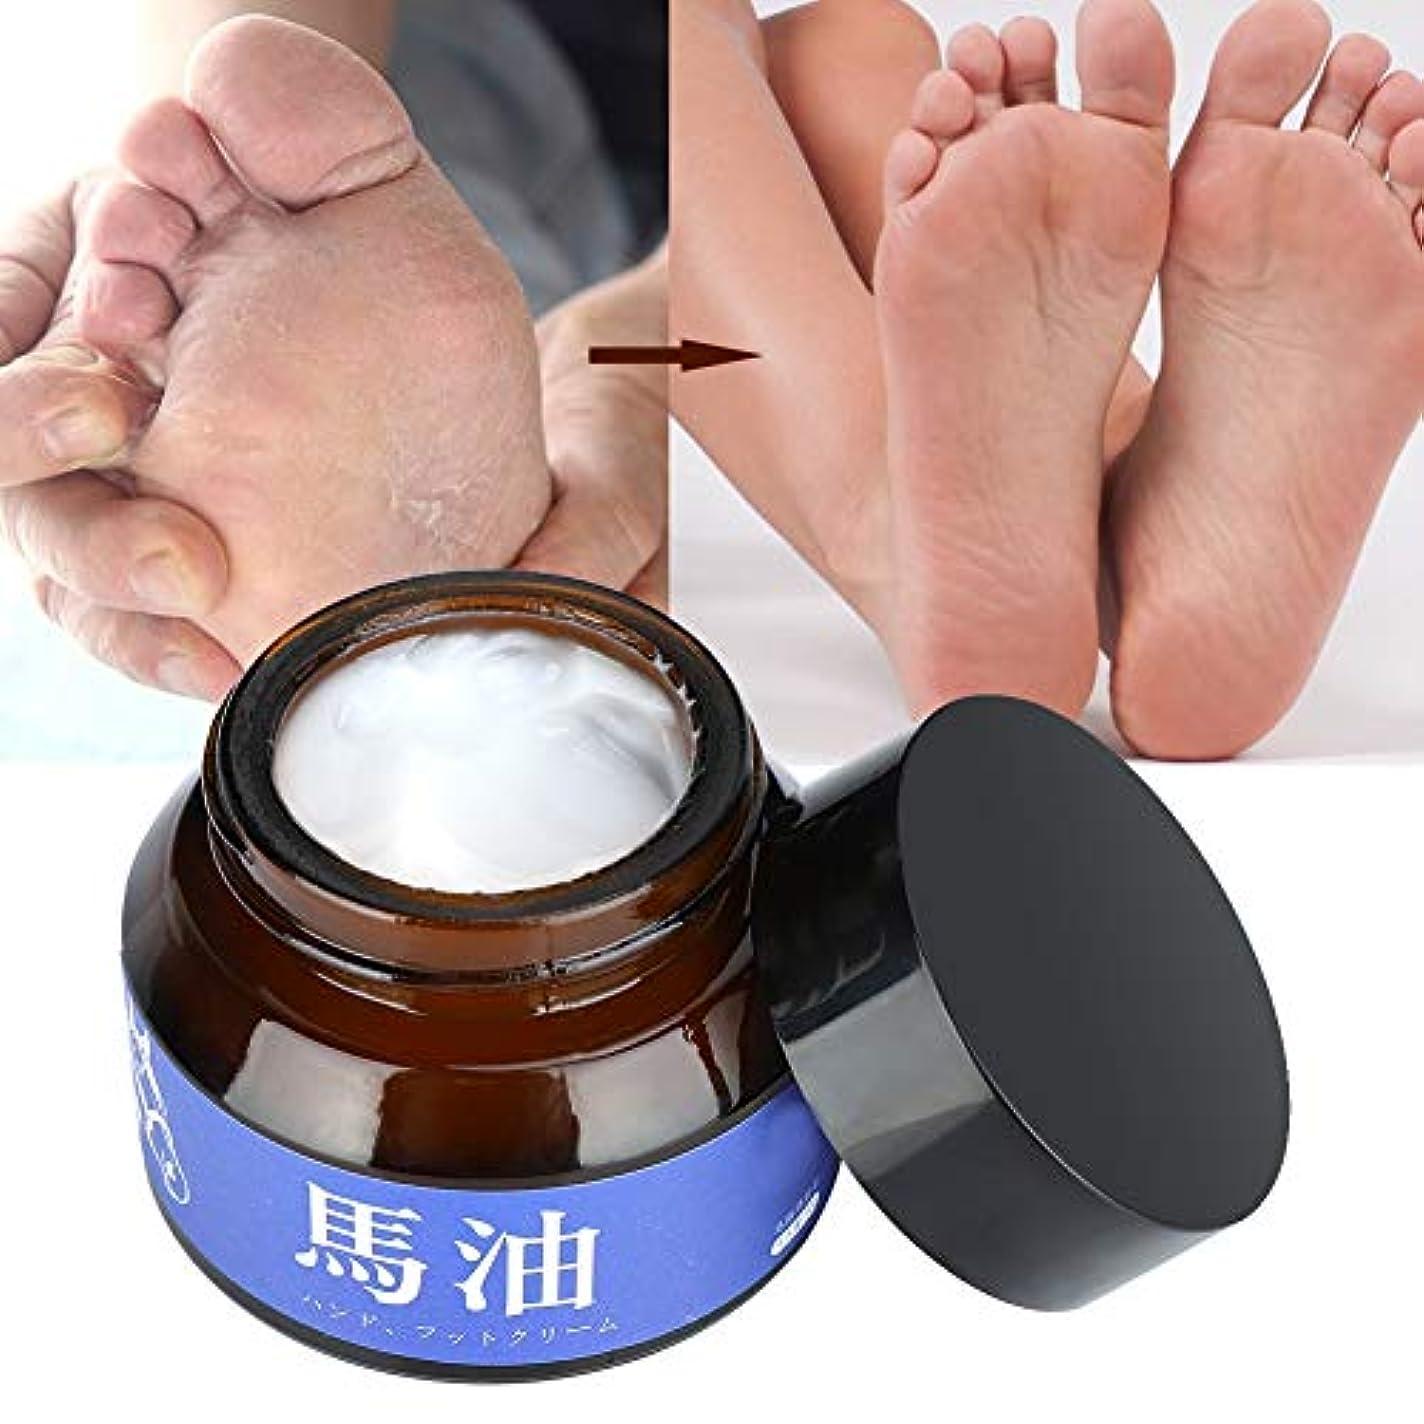 足首社説レール30グラム馬の油足のケアクリーム、足のかゆみを和らげる剥離抗細菌保湿フットクリーム足の保湿剥離ピールデッドスキンケア